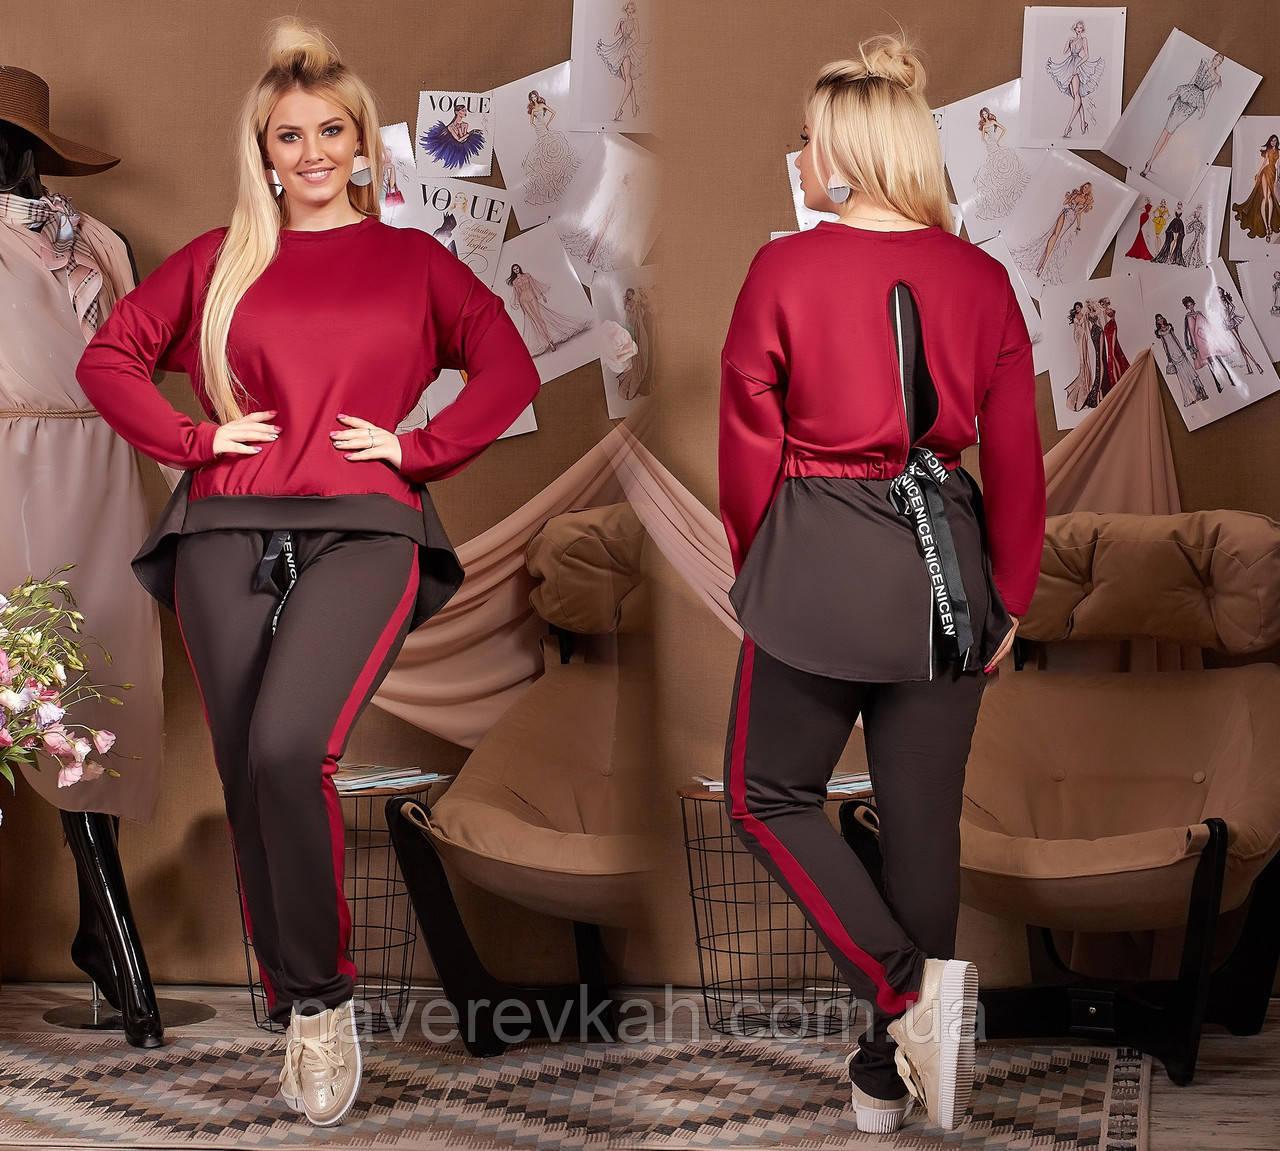 Женский летний спортивный костюм серый бордовый пудра 48 50 52 54